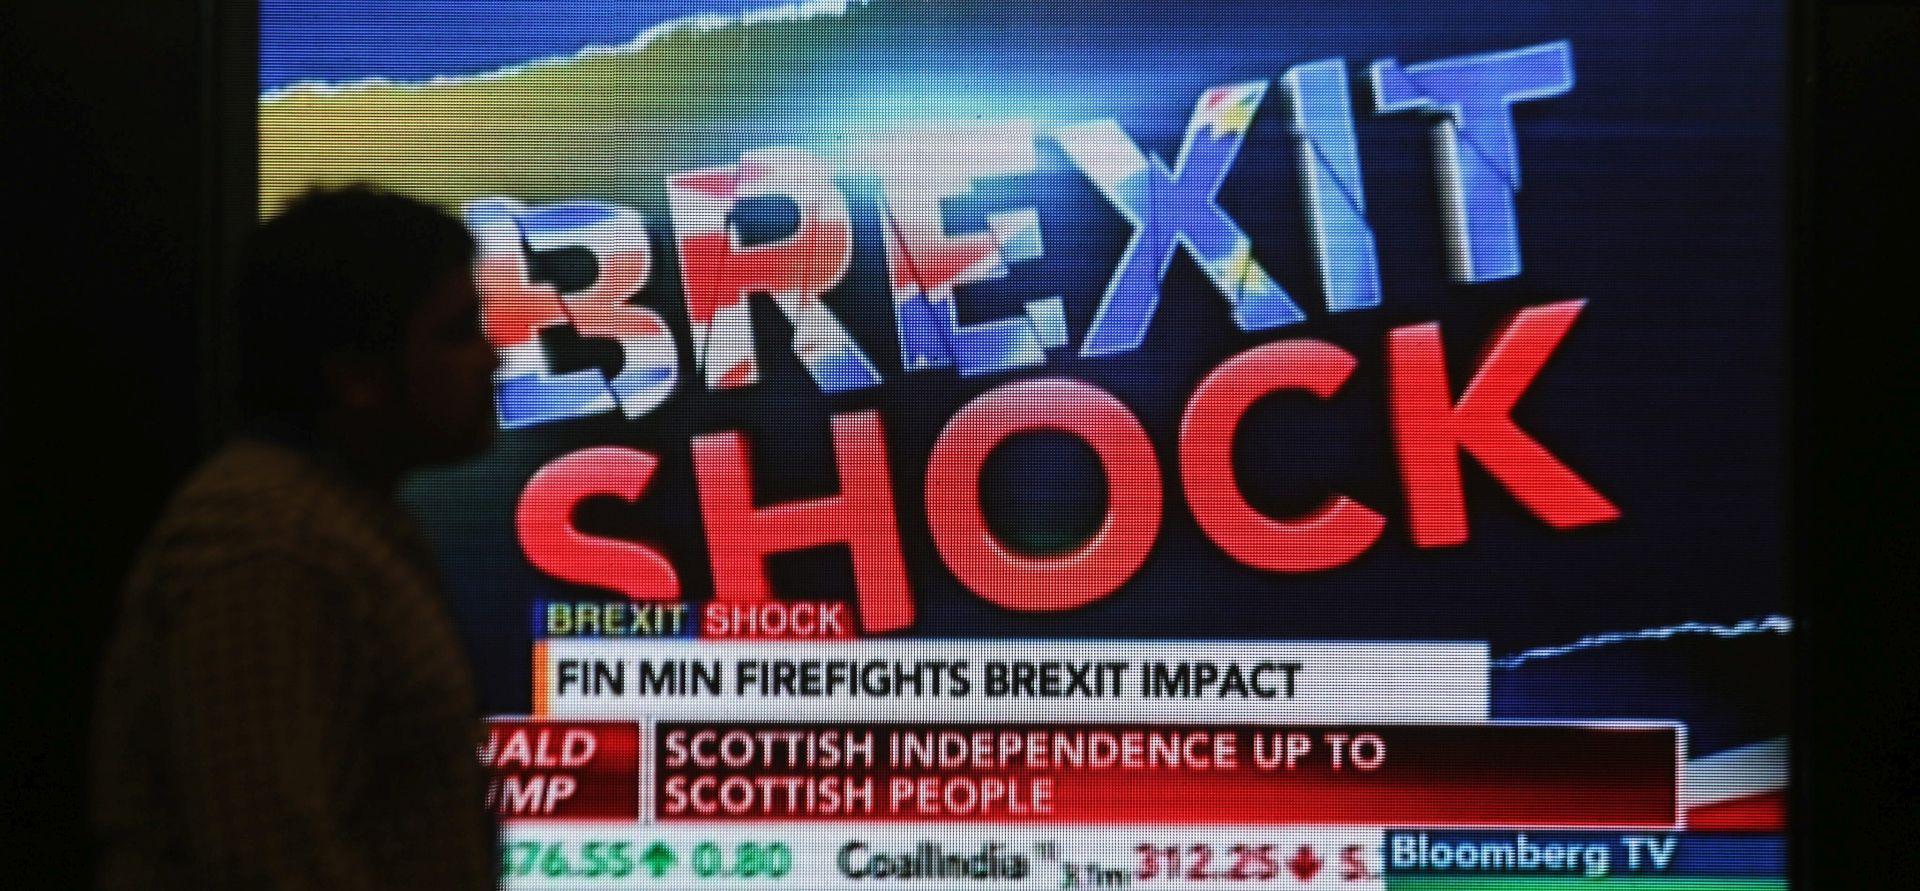 Svjetske burze oštro pale, 'Brexit' uhvatio ulagače na krivoj nozi